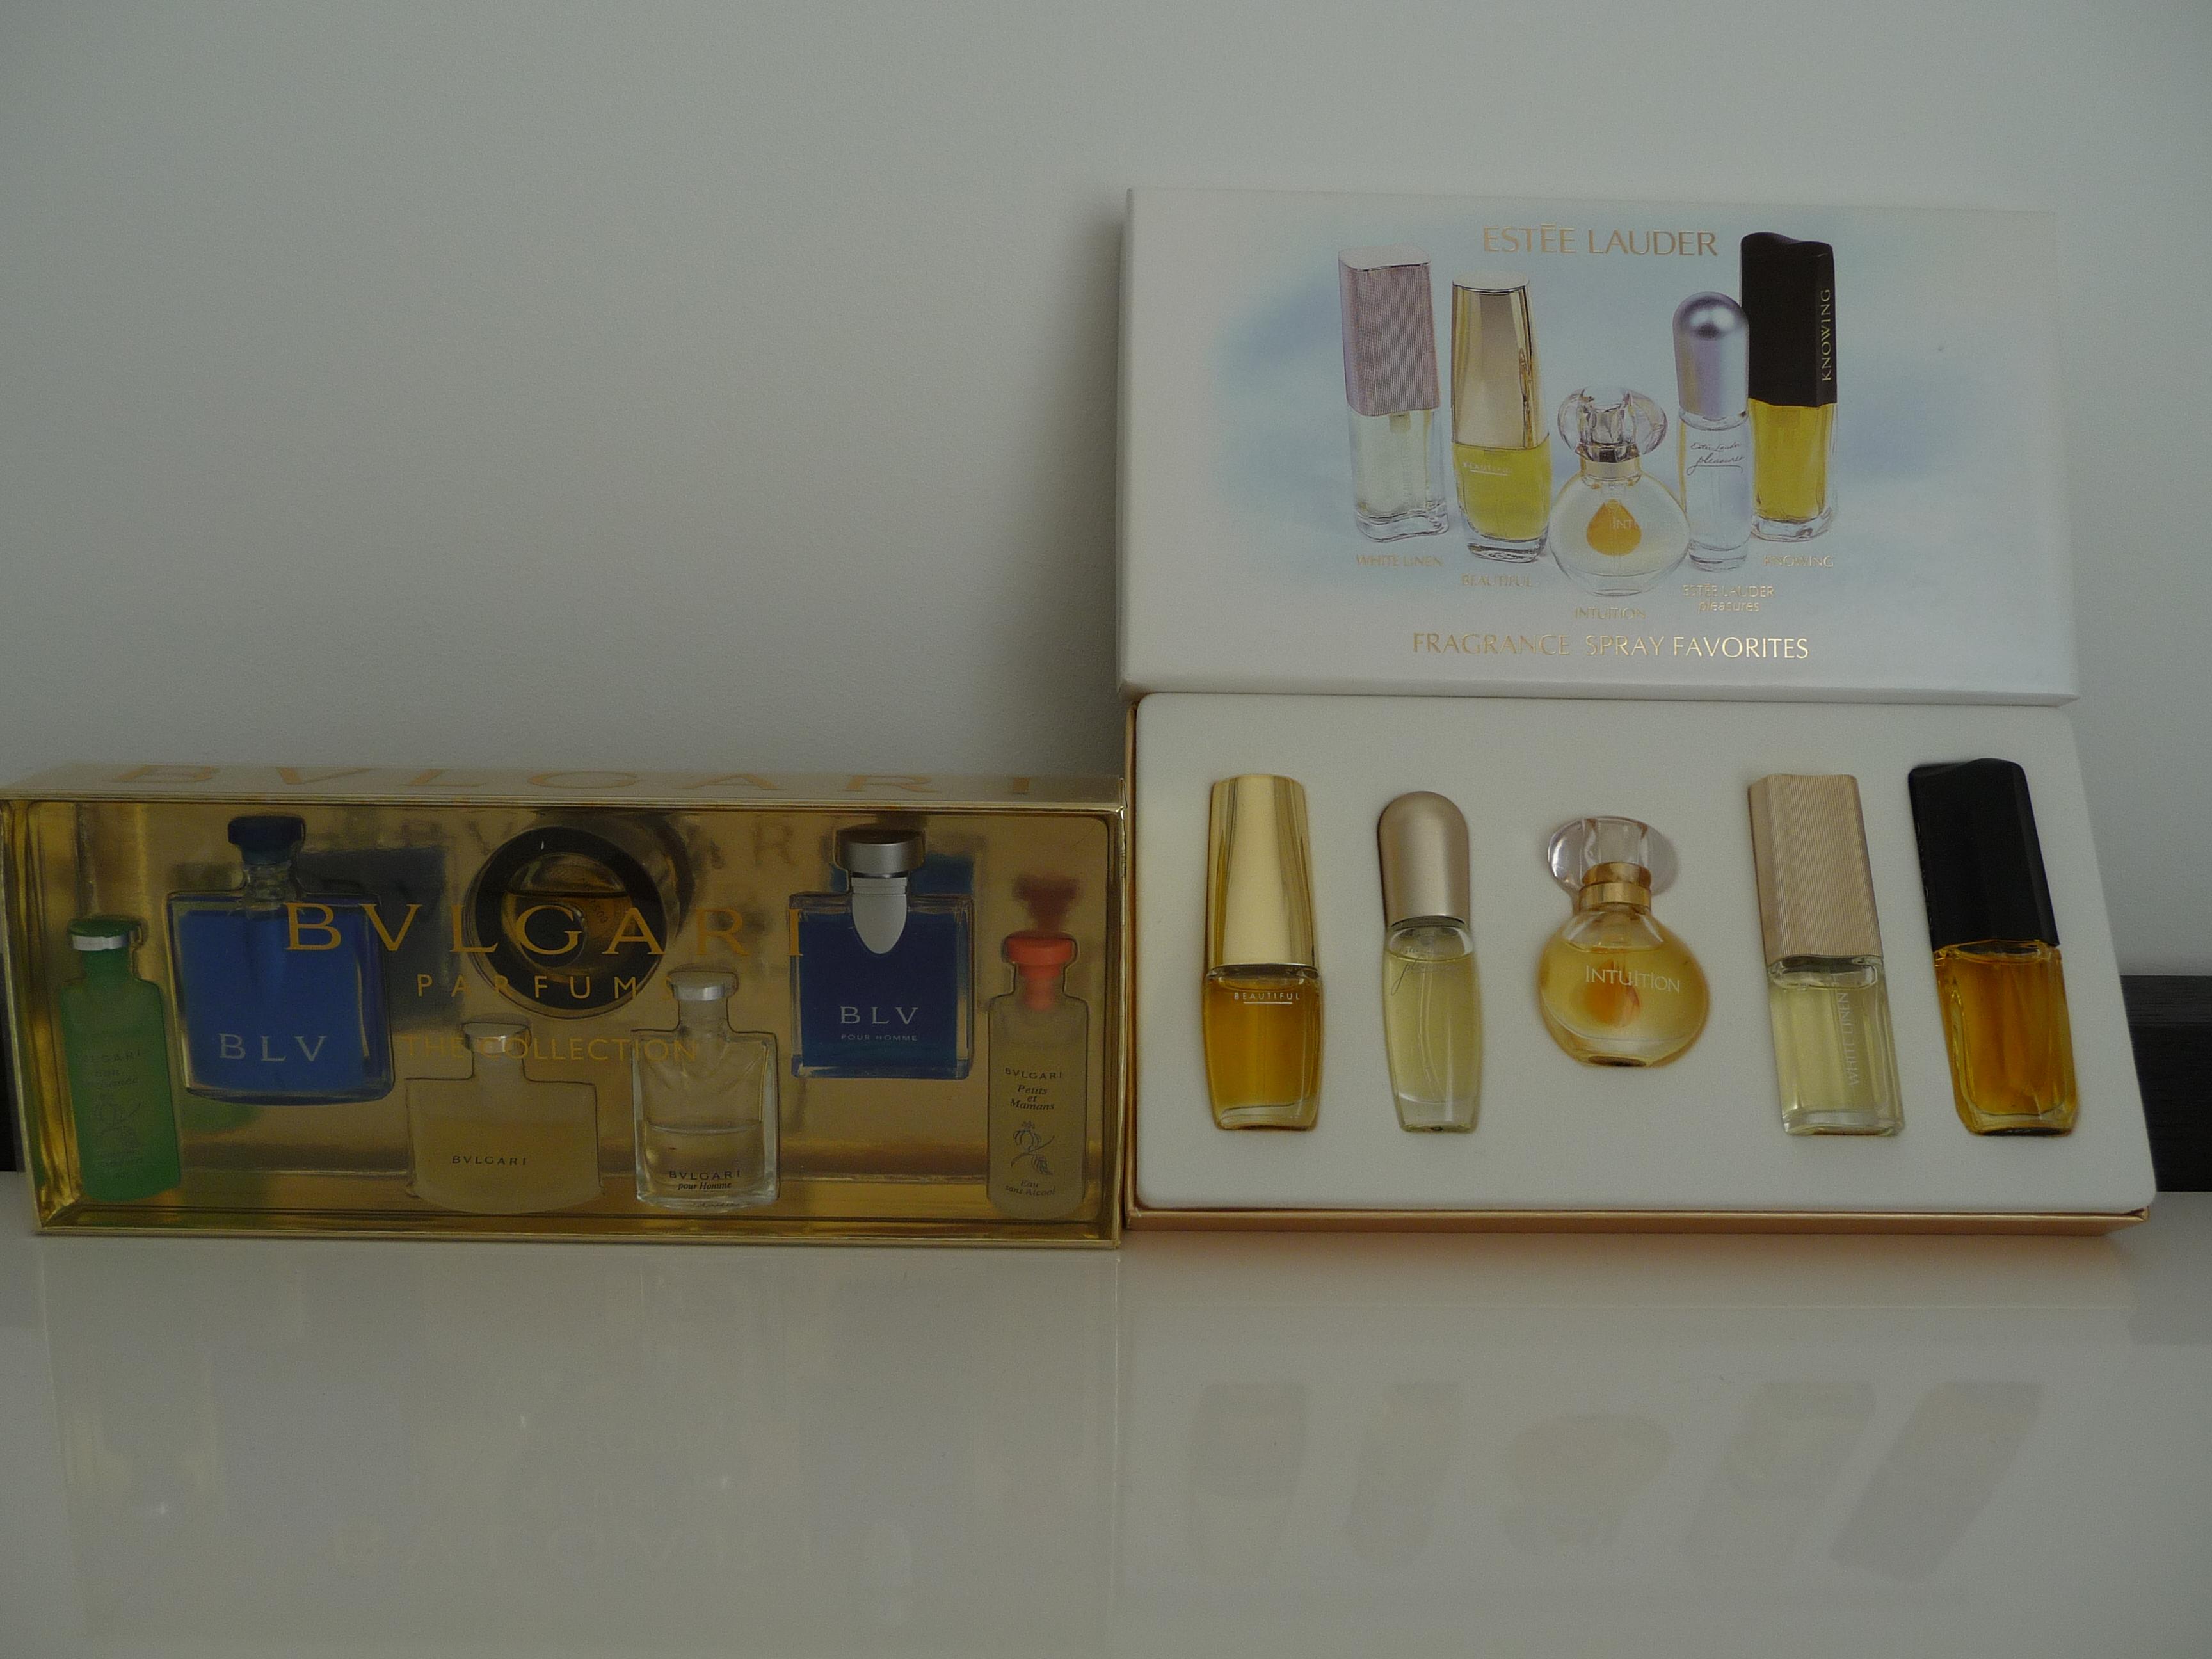 Miniatures de parfums jamais ouvertes frais envois inclus 20 Teyran (34)